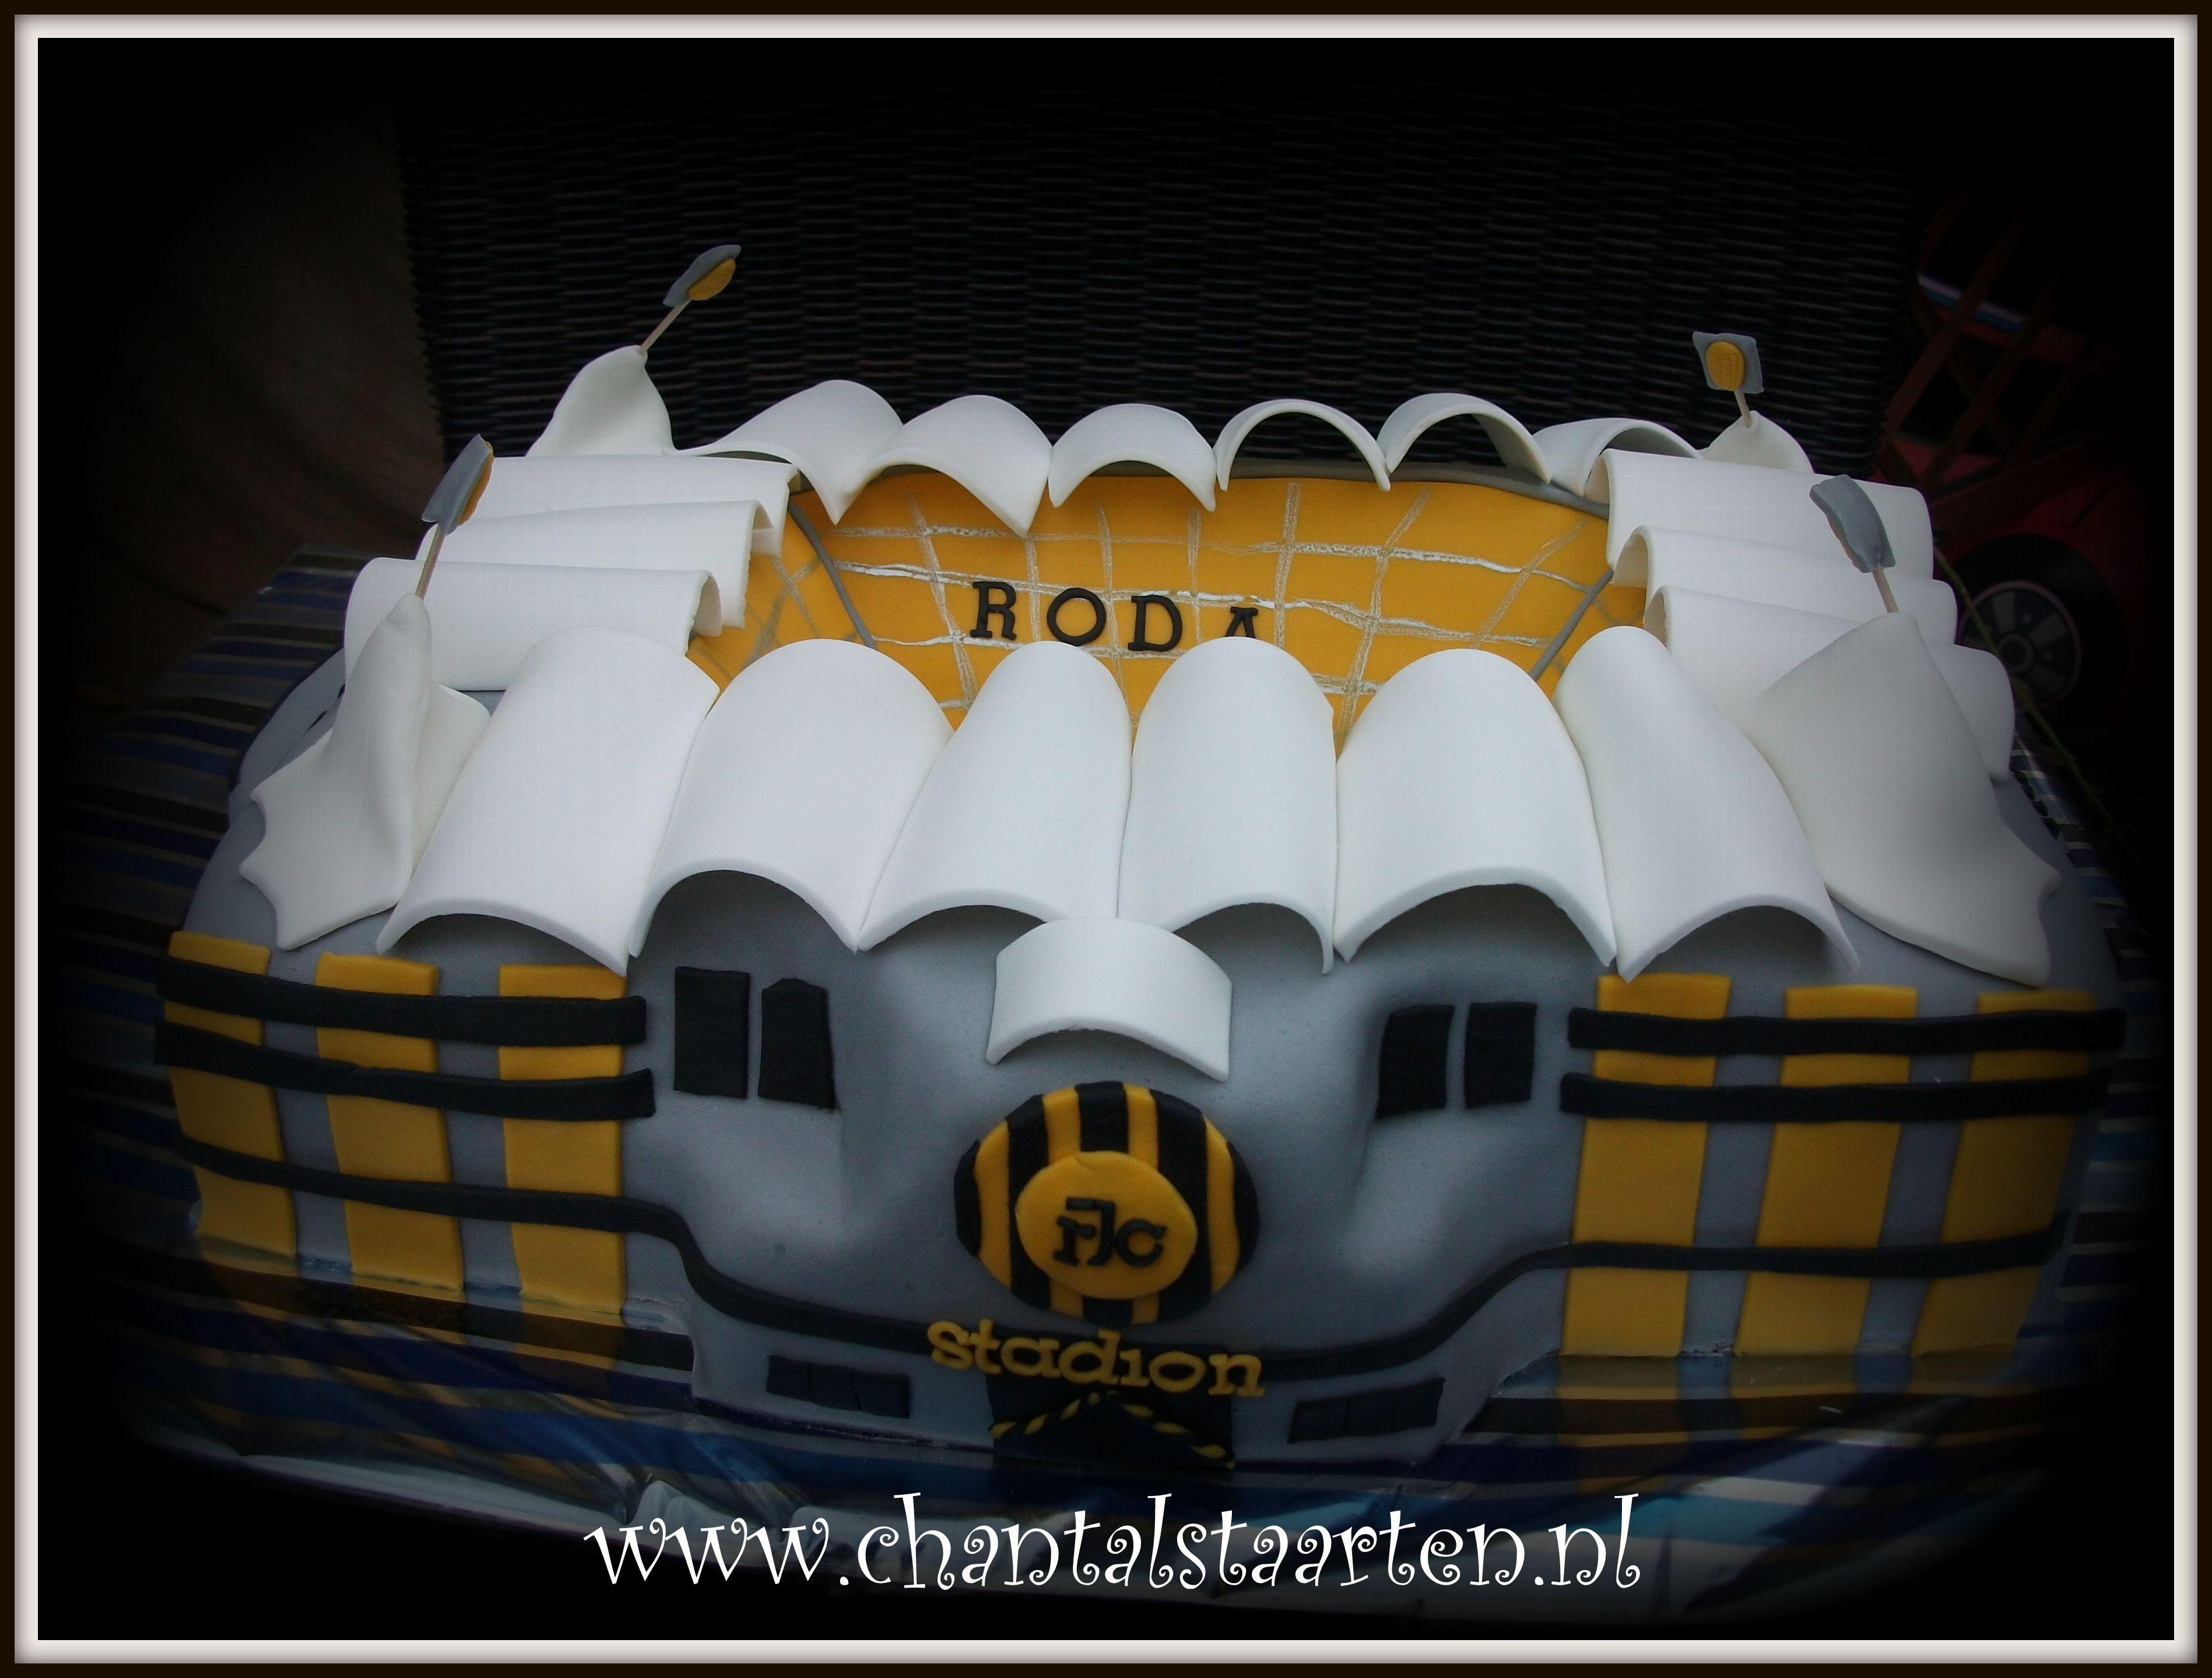 Roda voetbal stadion taart  www.chantalstaarten.nl